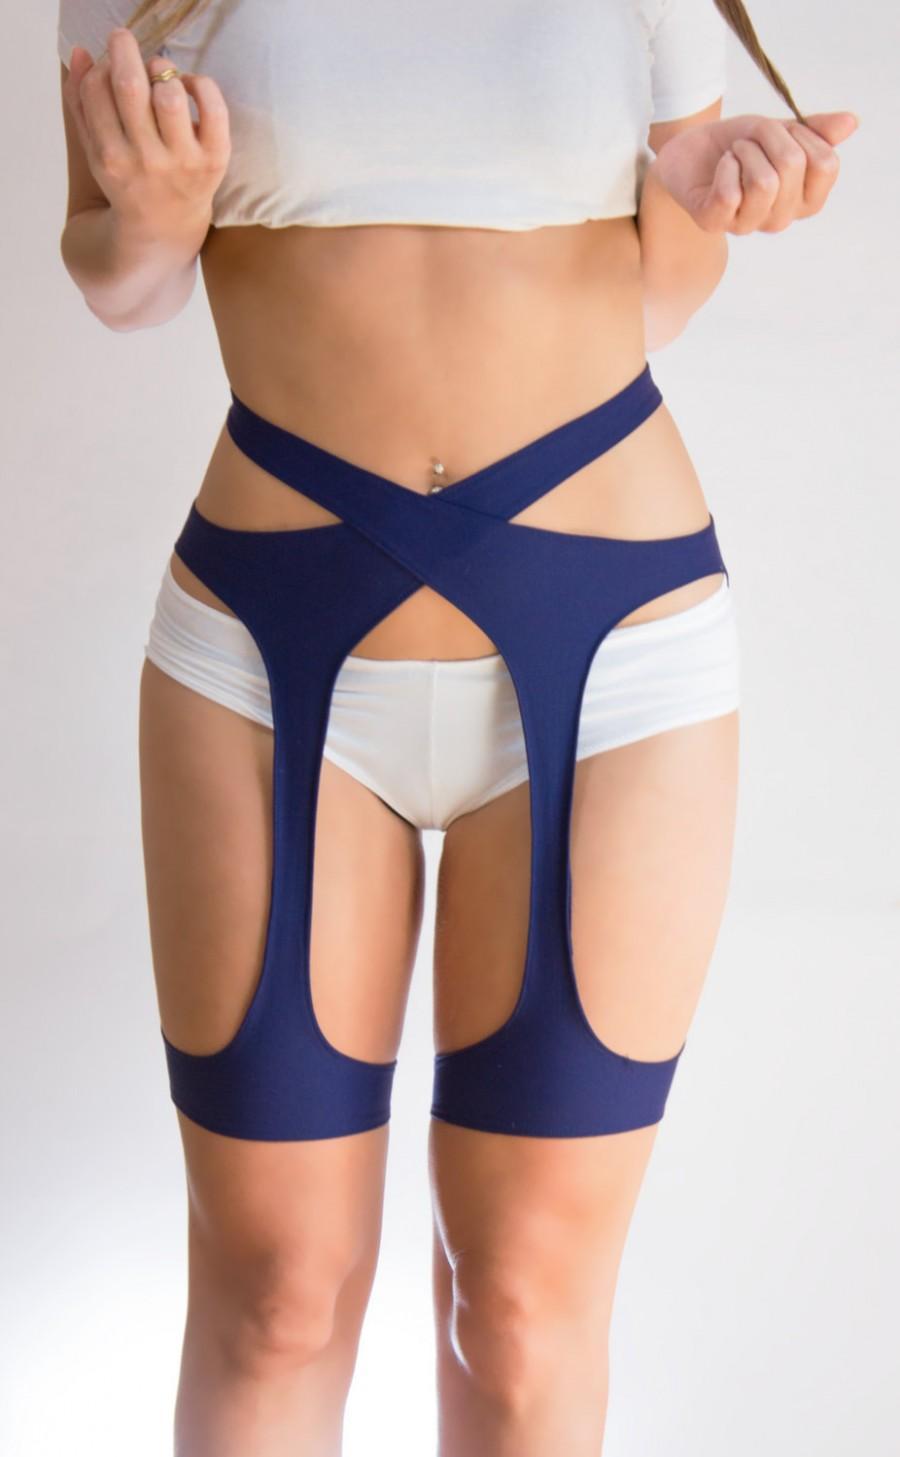 Sexy Lingerie Garter Belts 58